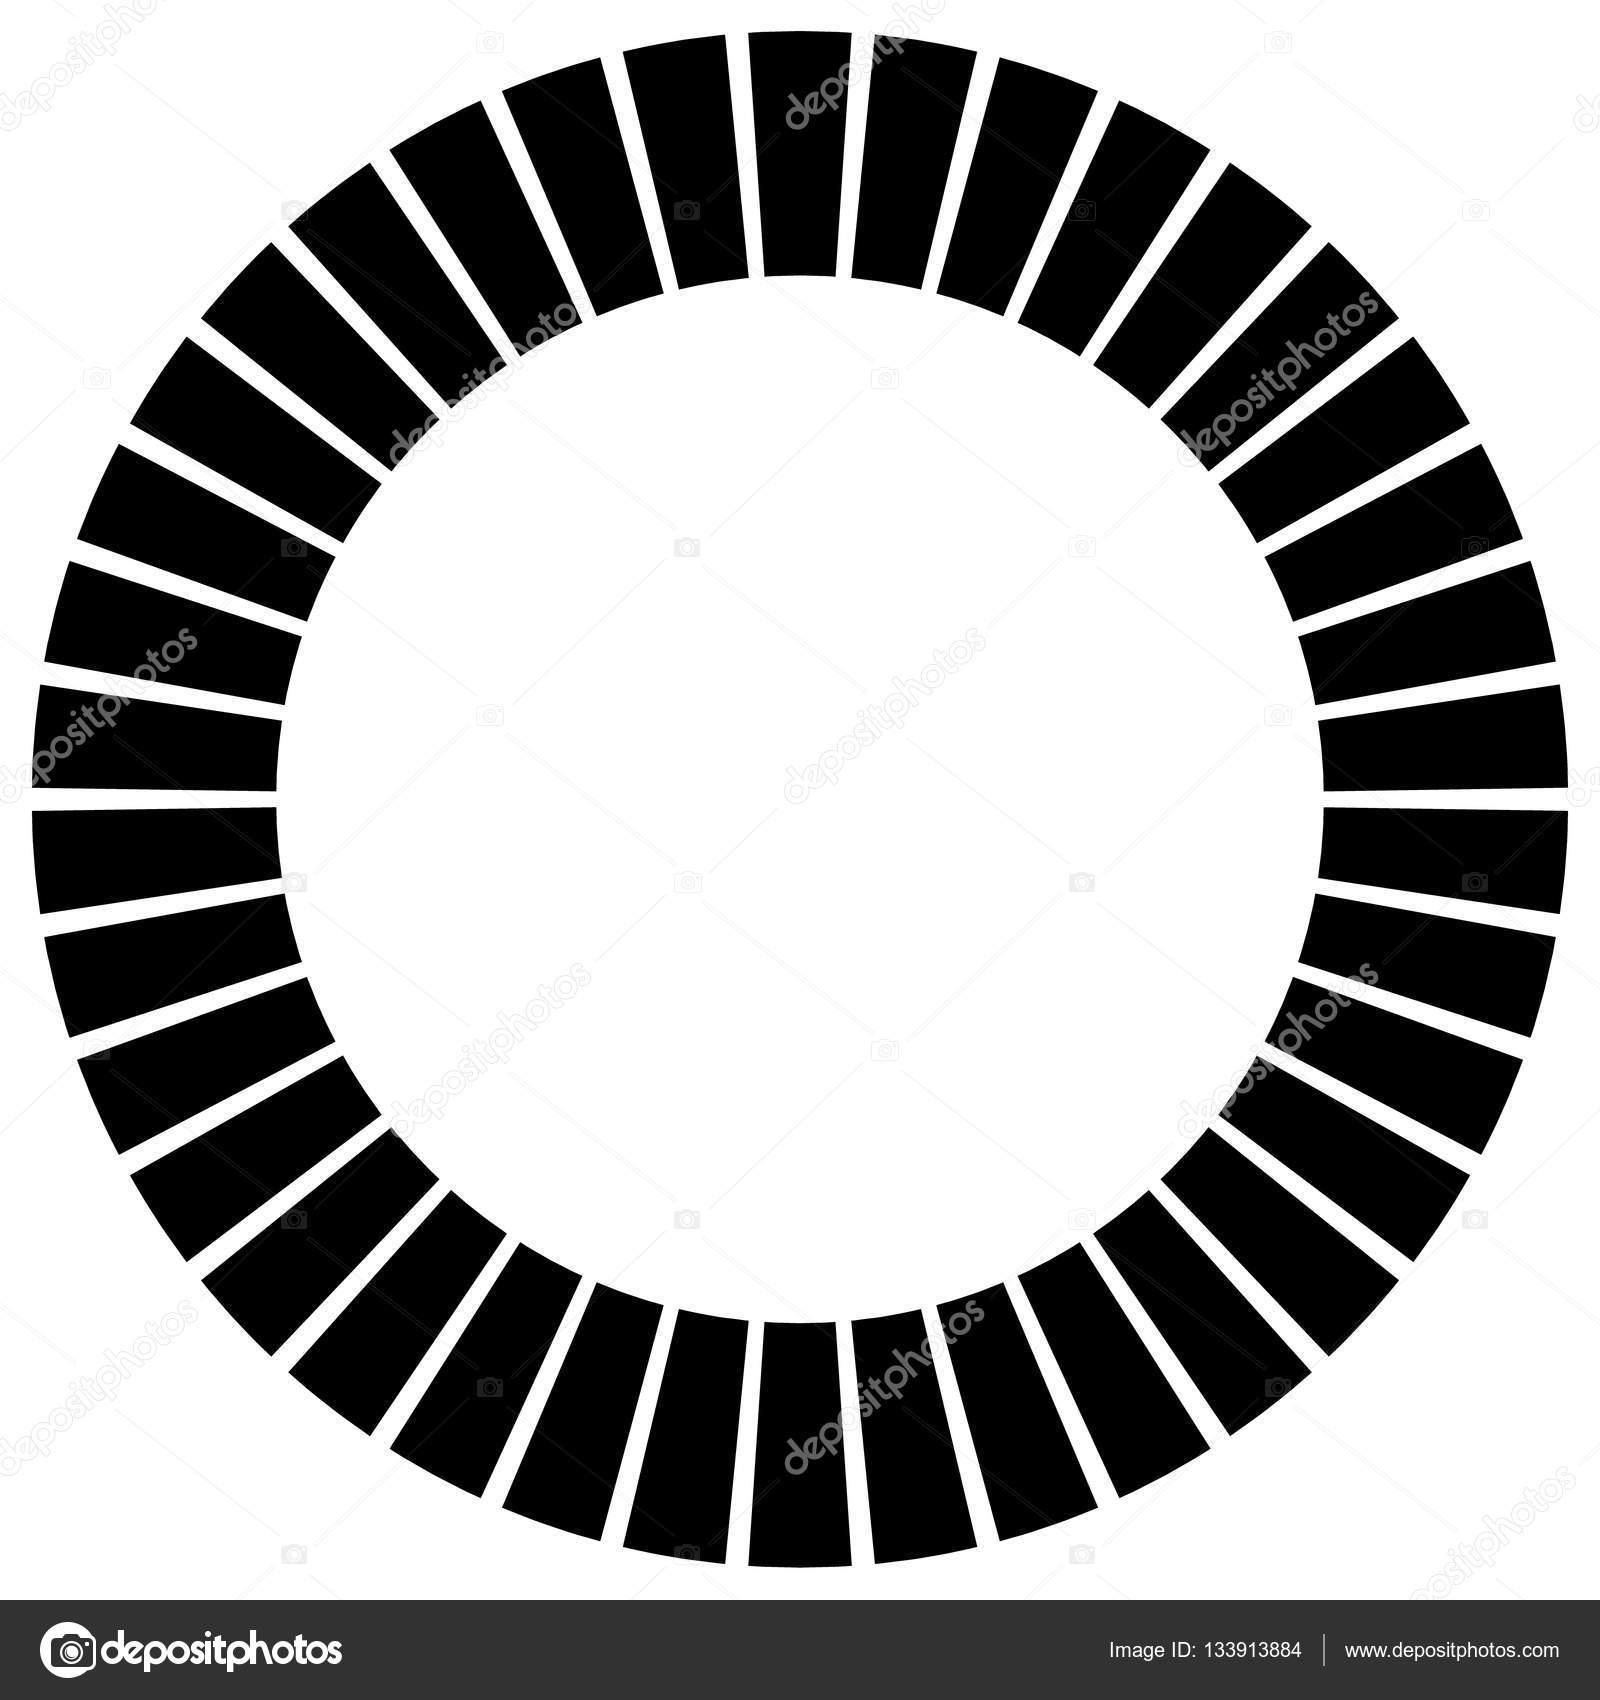 Élément cercle inscrit — Image vectorielle vectorguy © #133913884.